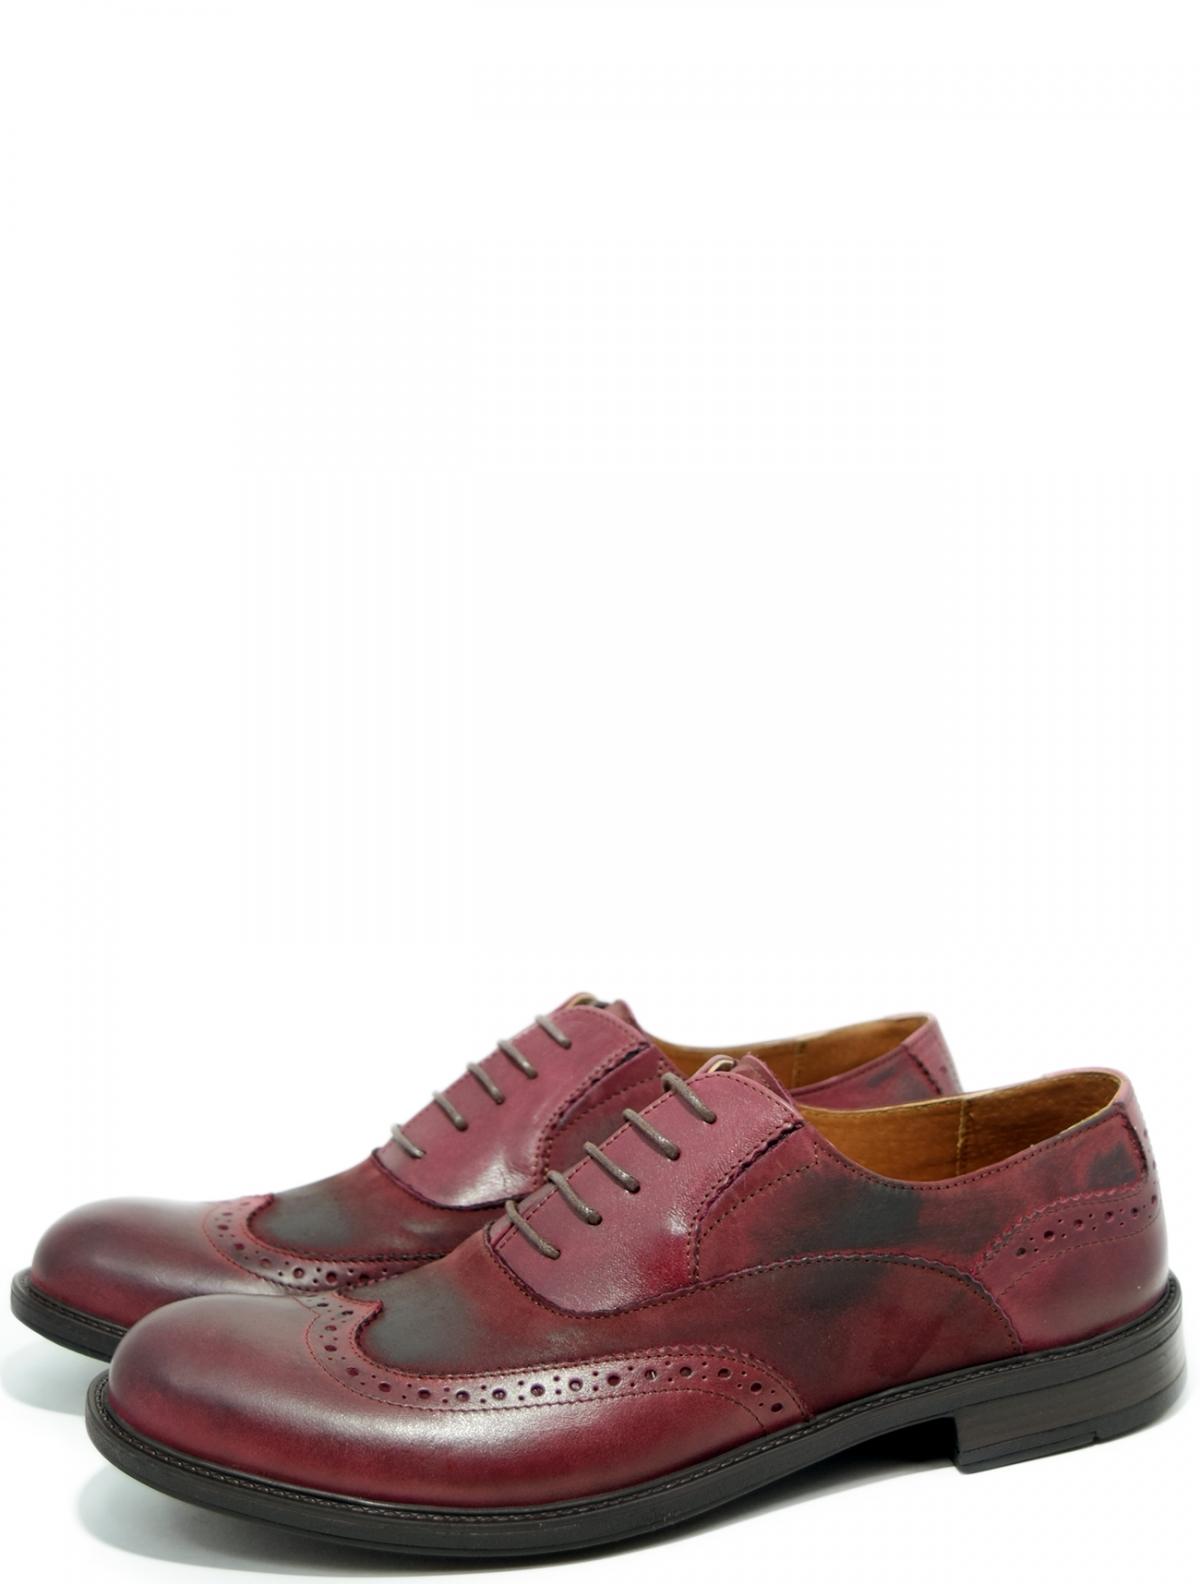 BastoM B020T/102-53 мужские туфли